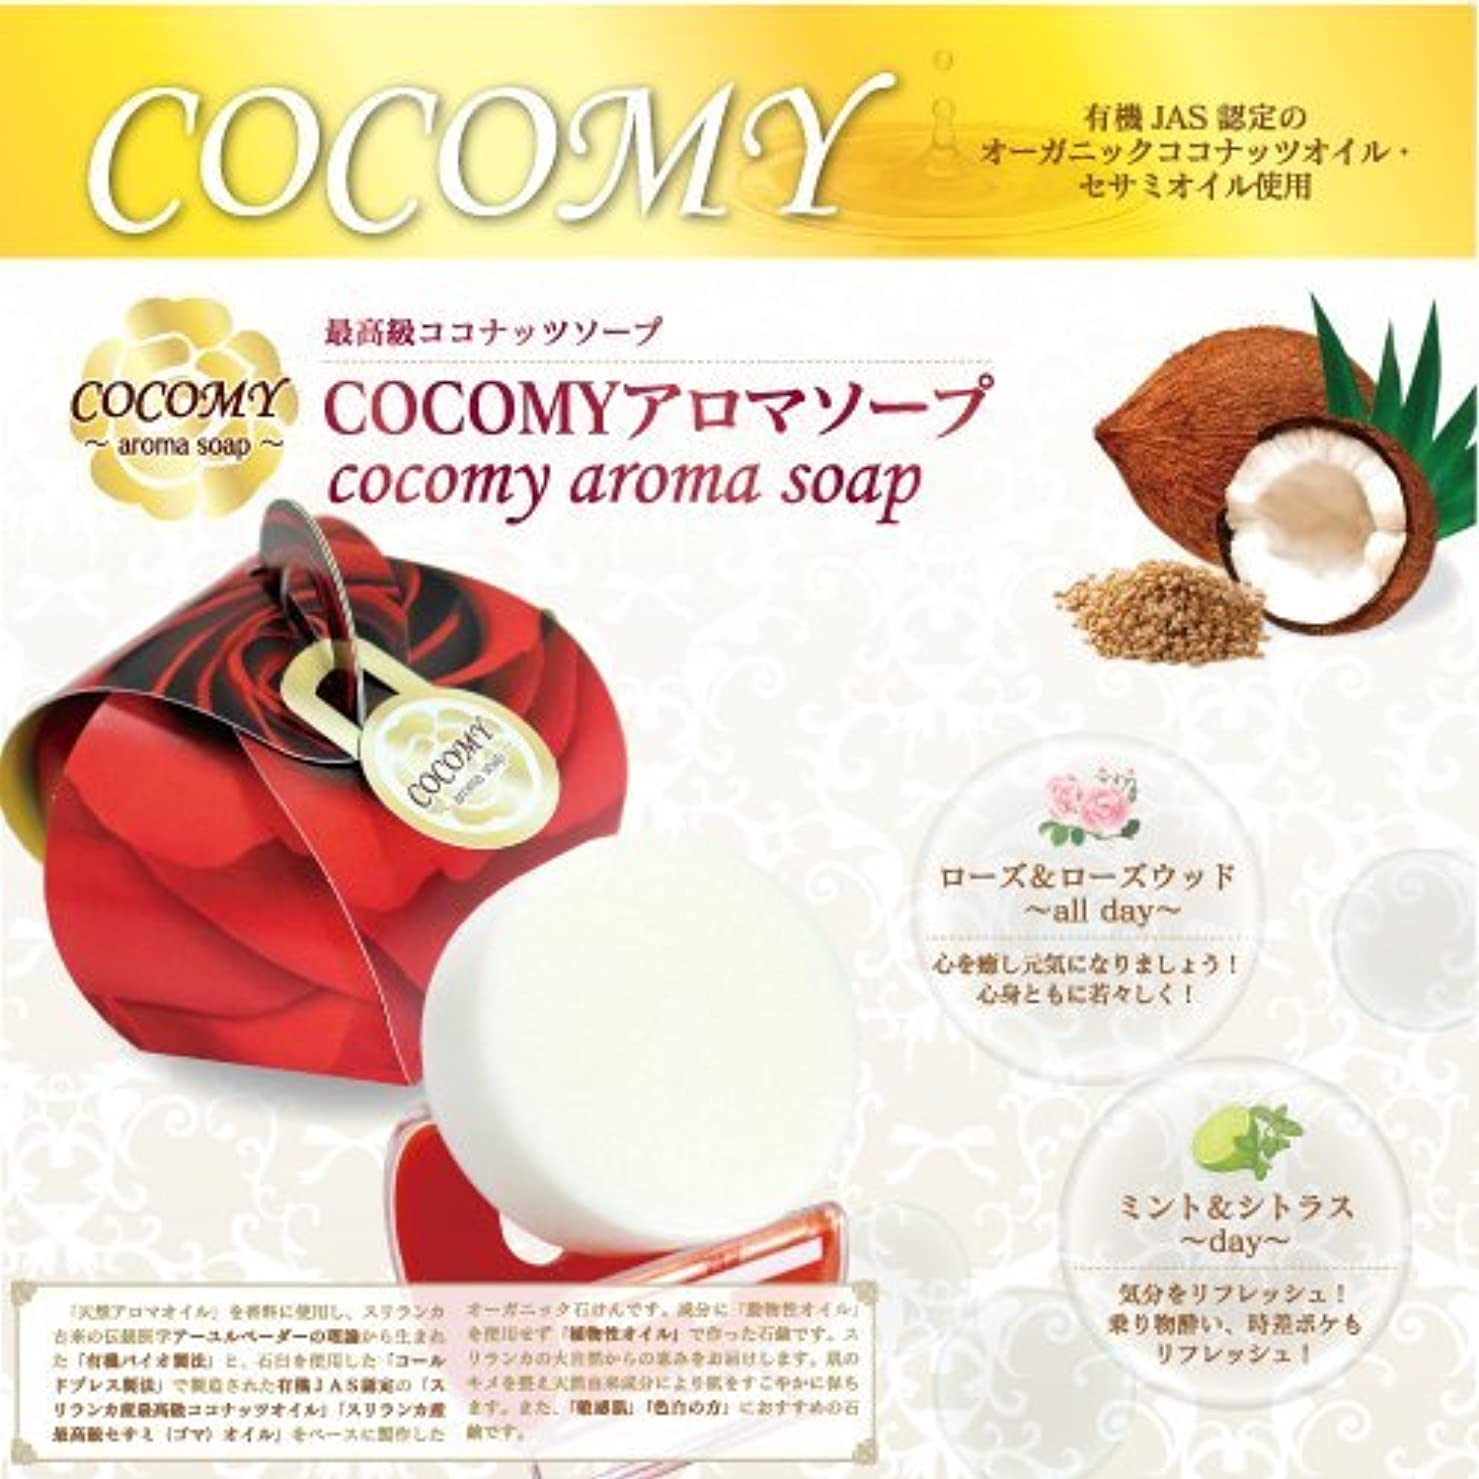 耕す製造エクスタシーCOCOMY aromaソープ 4個セット (ミント&シトラス)(ローズ&ローズウッド) 40g×各2